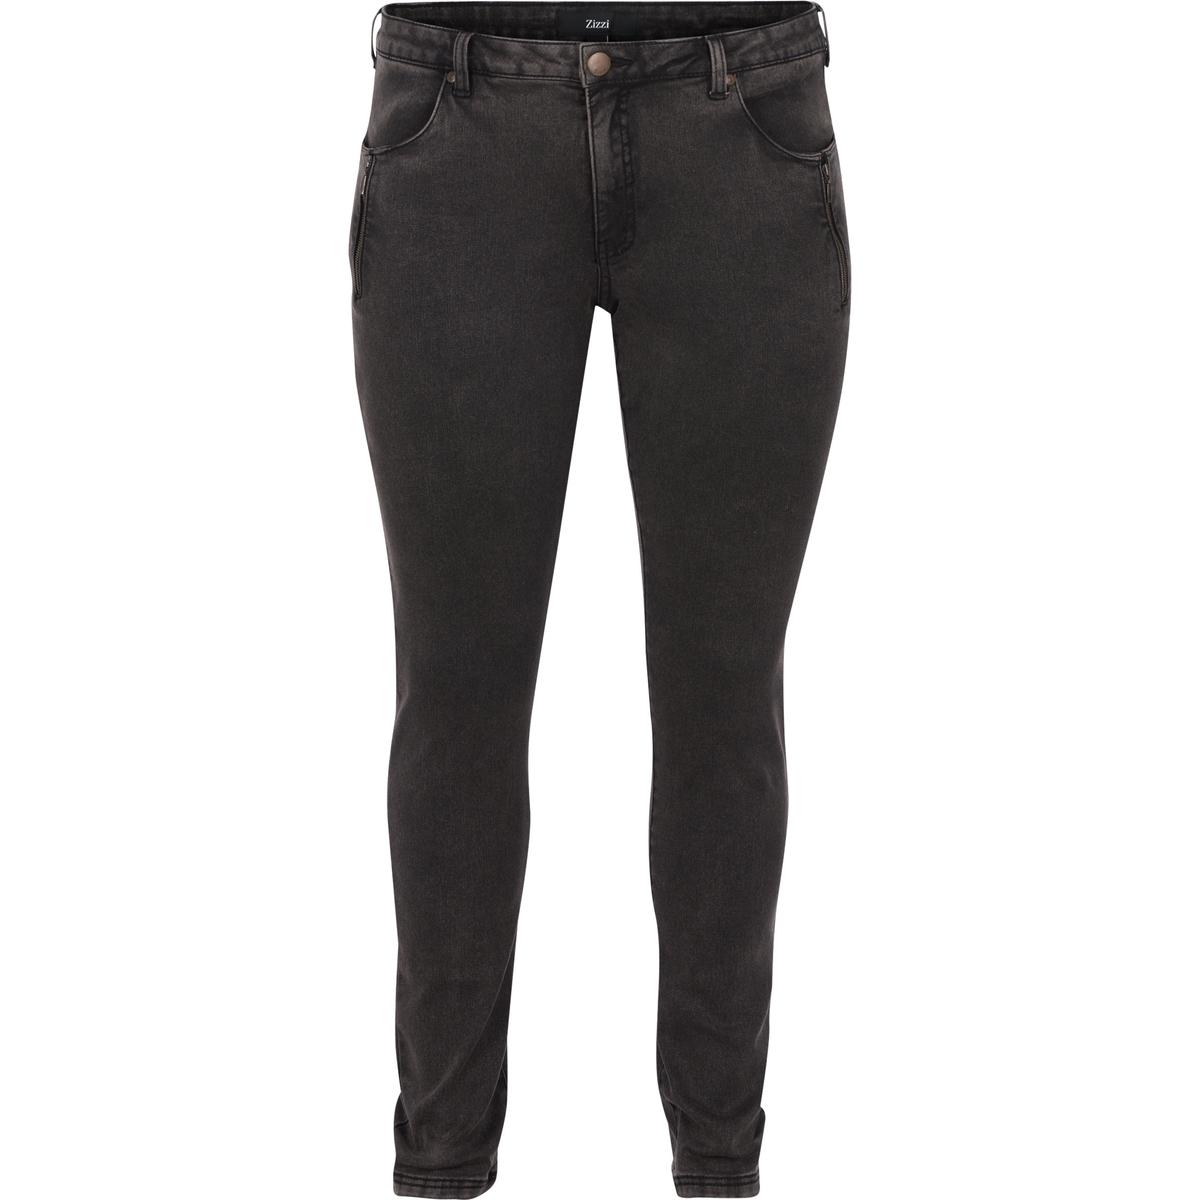 Джинсы узкиеДжинсы узкие ZIZZI. 65% хлопка, 32% полиэстера, 3% эластана.  Материал стрейч . Очень удобная в носке . Эти джинсы имеют 4 кармана, 2 спереди и 2 сзади . Ложная застежка на молнию на карманах спереди<br><br>Цвет: серый<br>Размер: 44 (FR) - 50 (RUS)